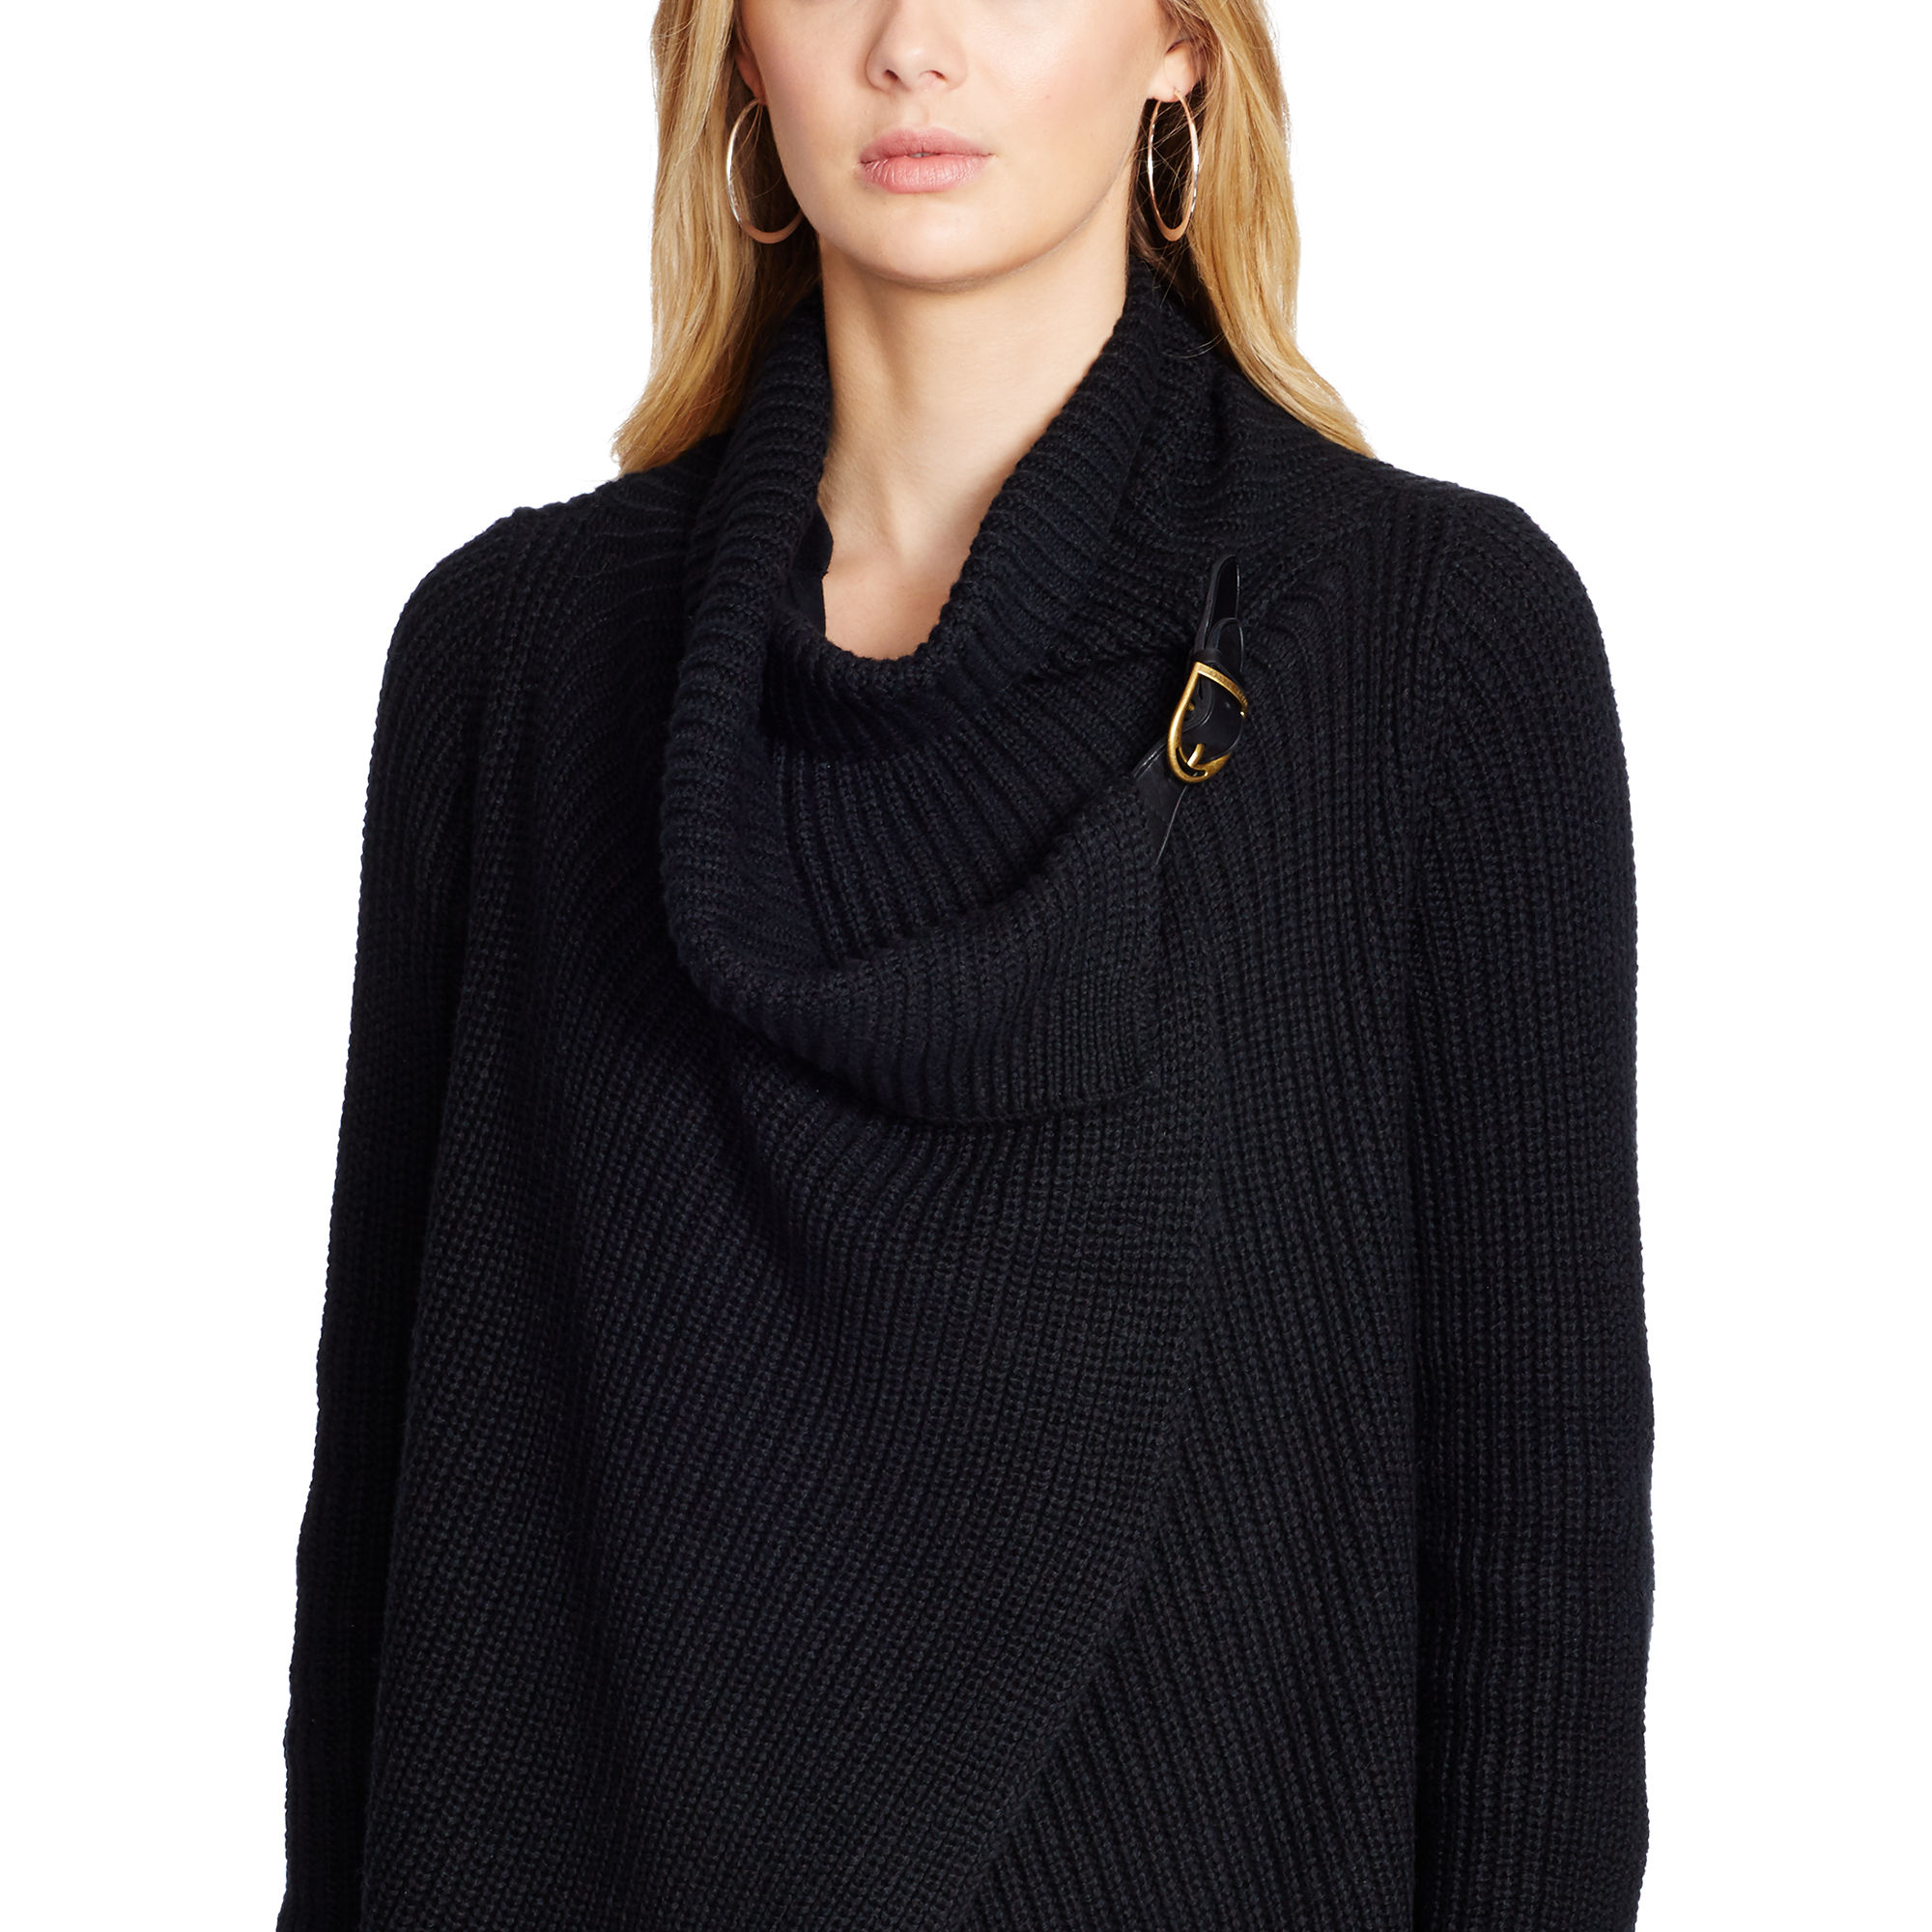 2631000e78 france ralph lauren sweater wrap da1ef ddc12